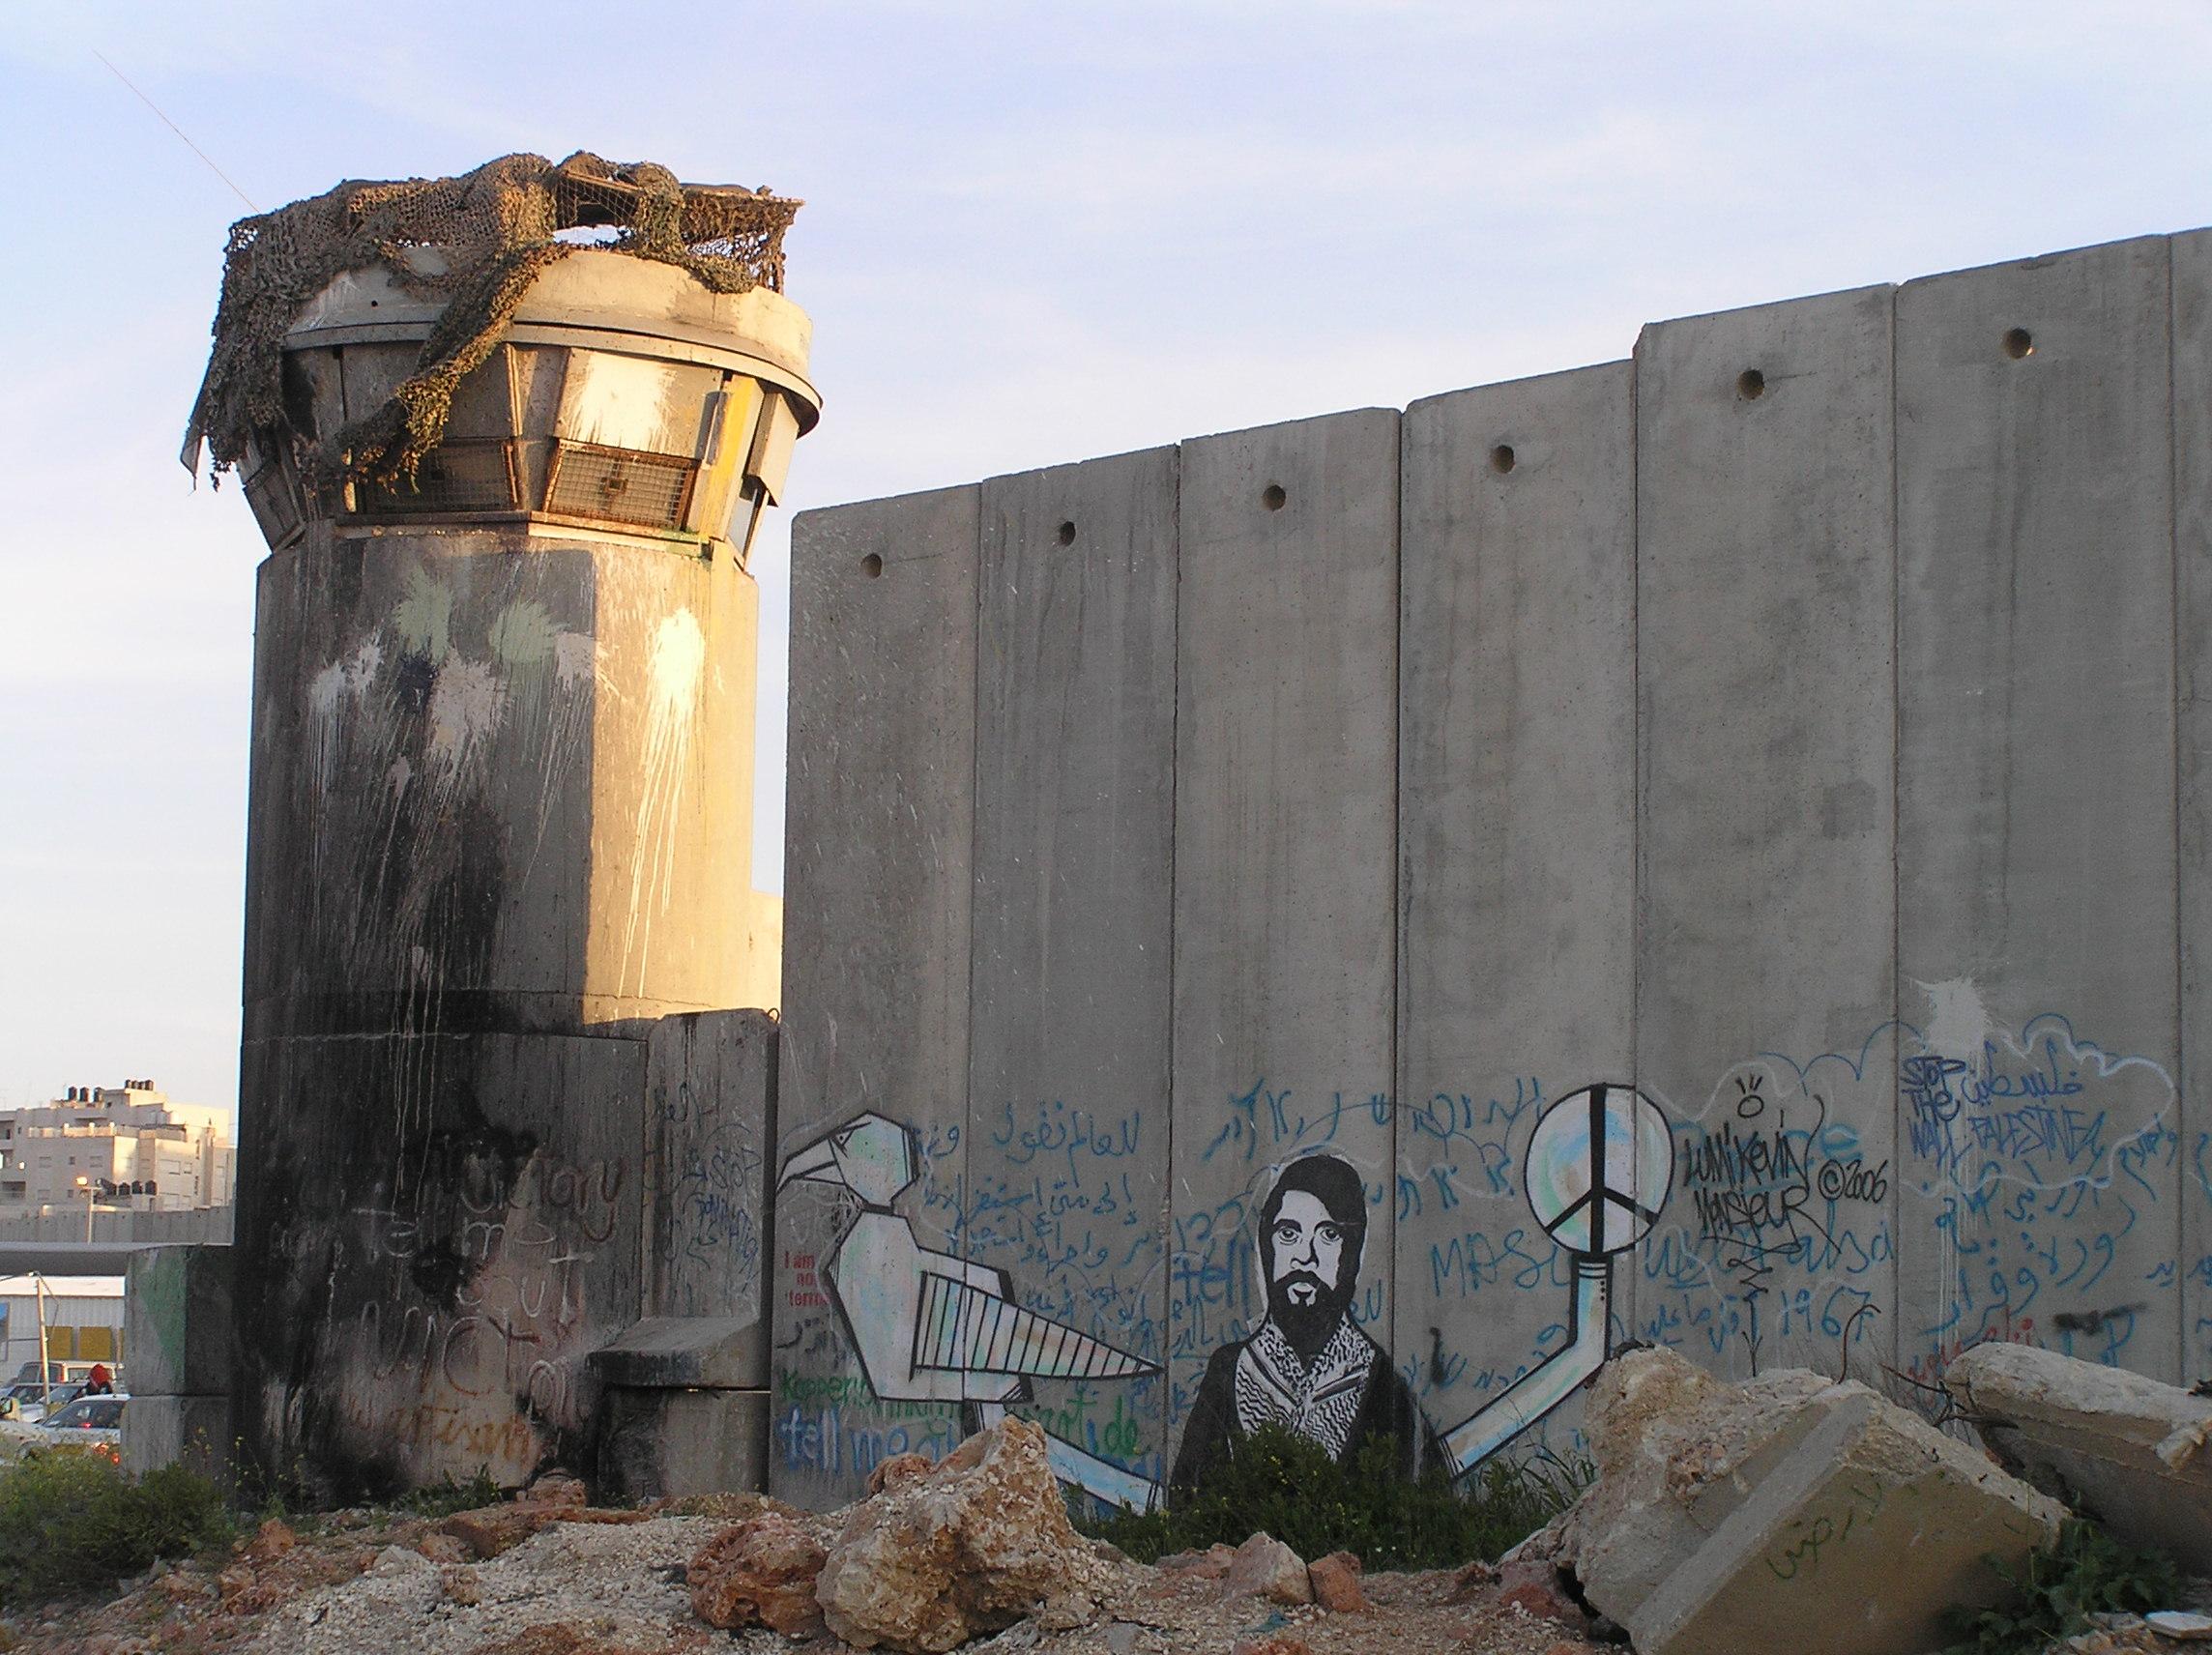 Mauern in den Köpfen und Herzen der Menschen